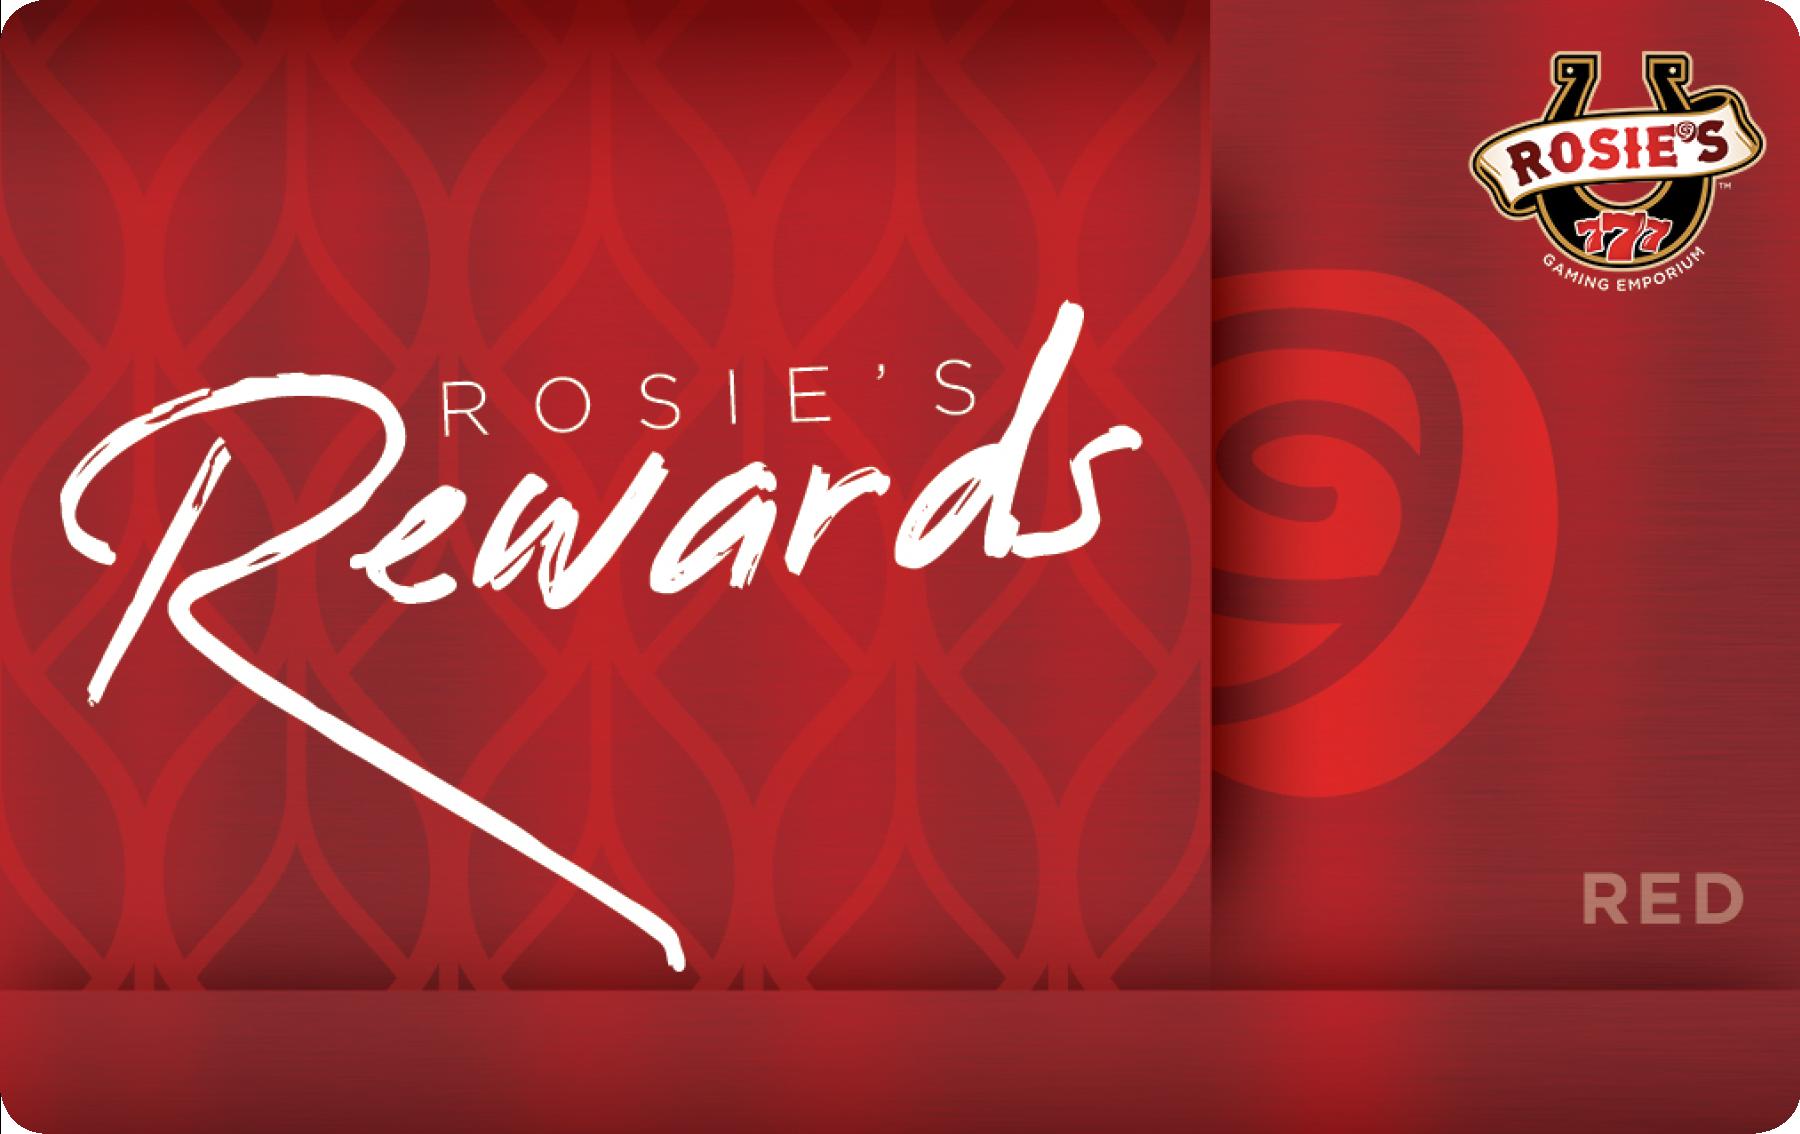 Rosies Red Reward Card